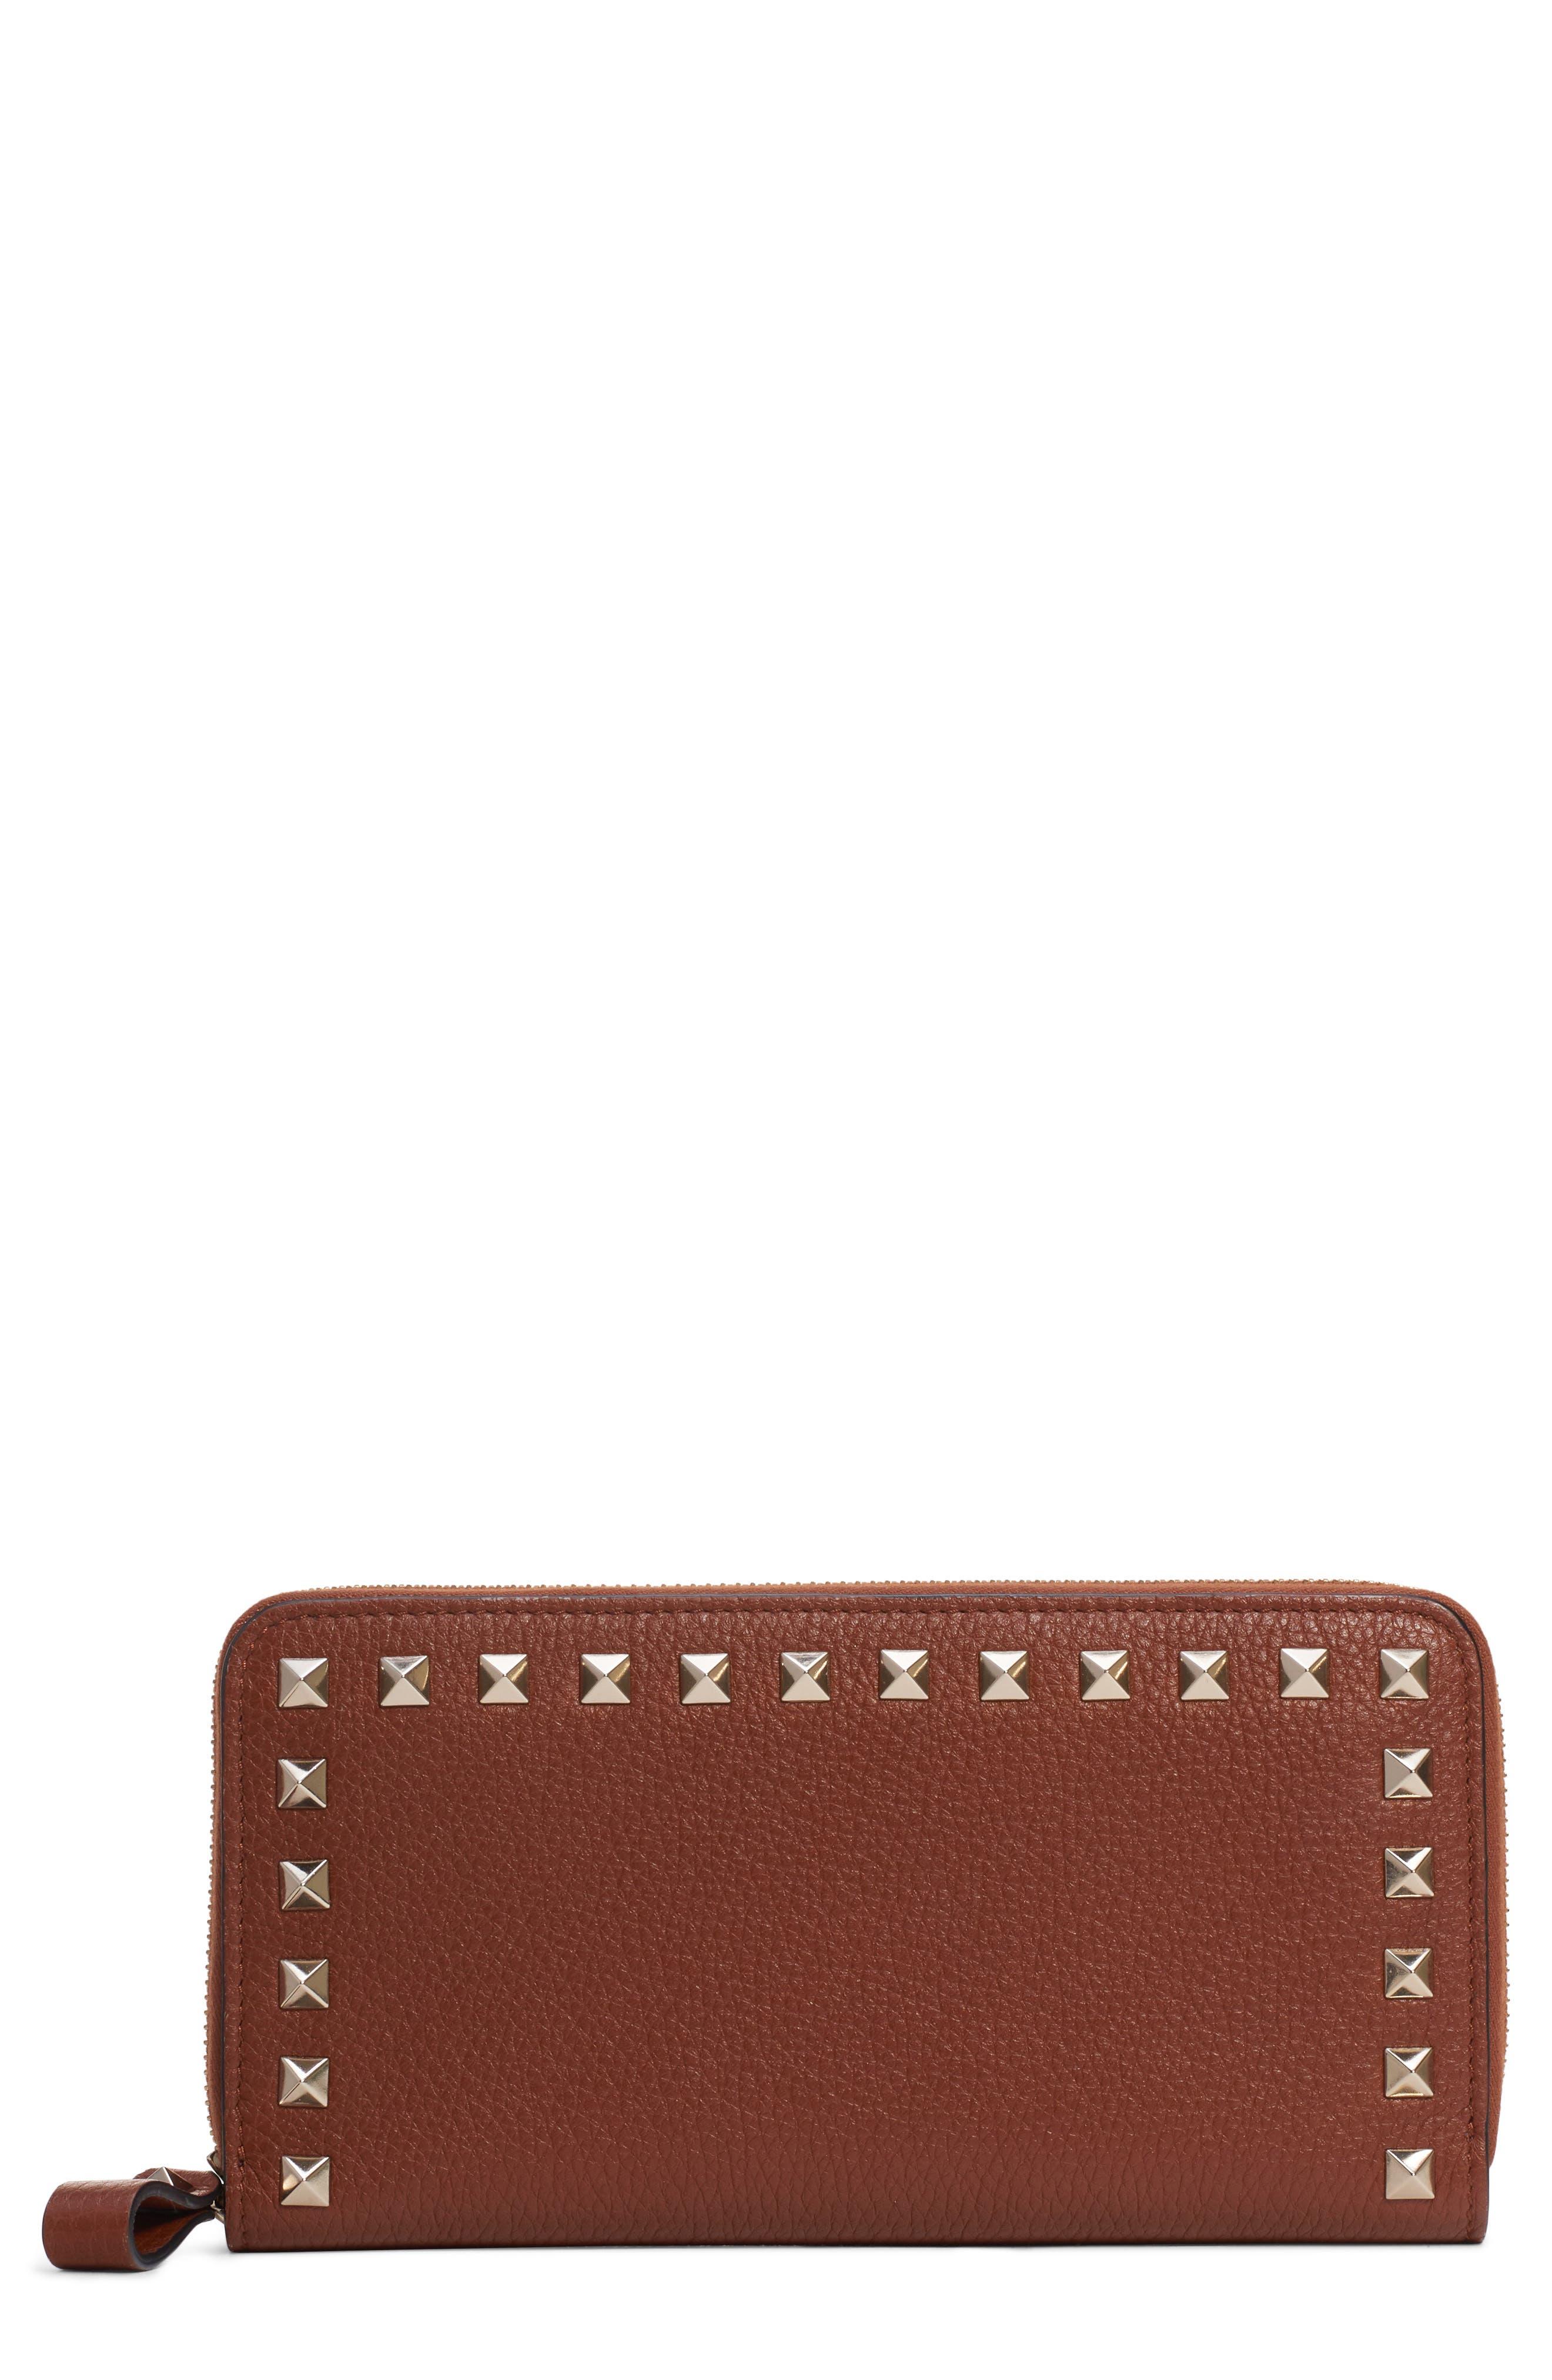 VALENTINO GARAVANI Rockstud Zip Around Leather Continental Wallet, Main, color, BRIGHT COGNAC